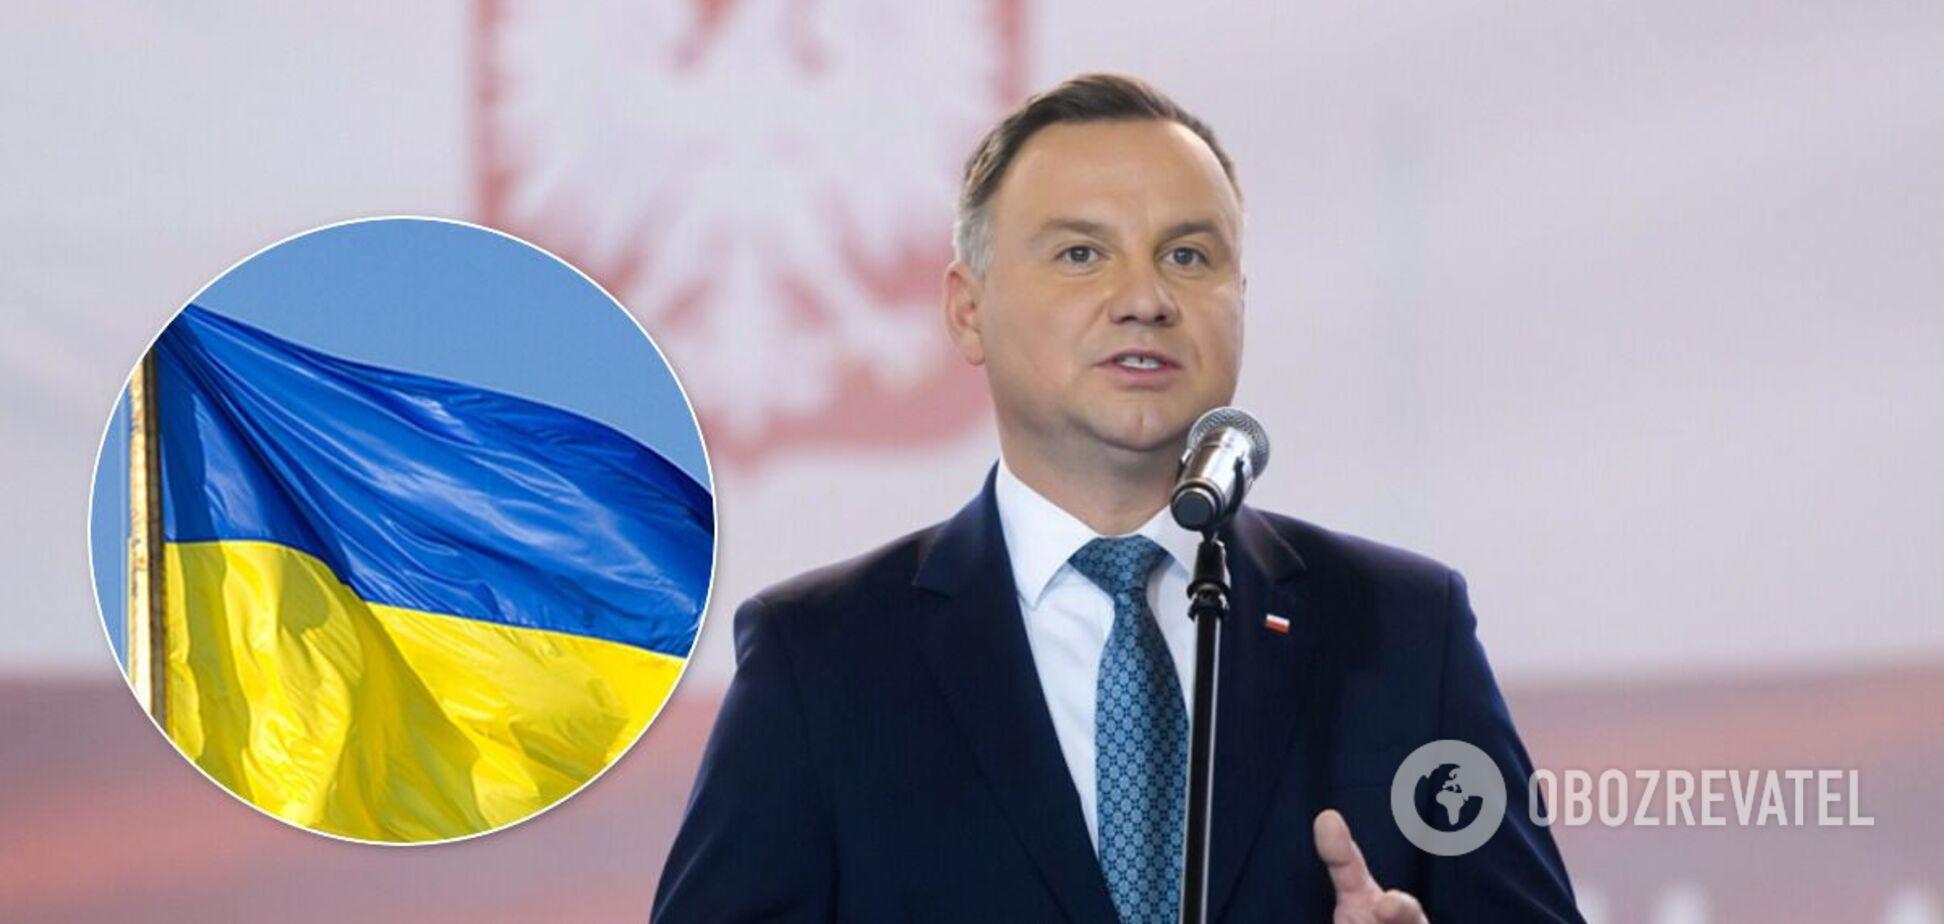 Дуда на инаугурации вспомнил Украину: пообещал остановить войну на Донбассе